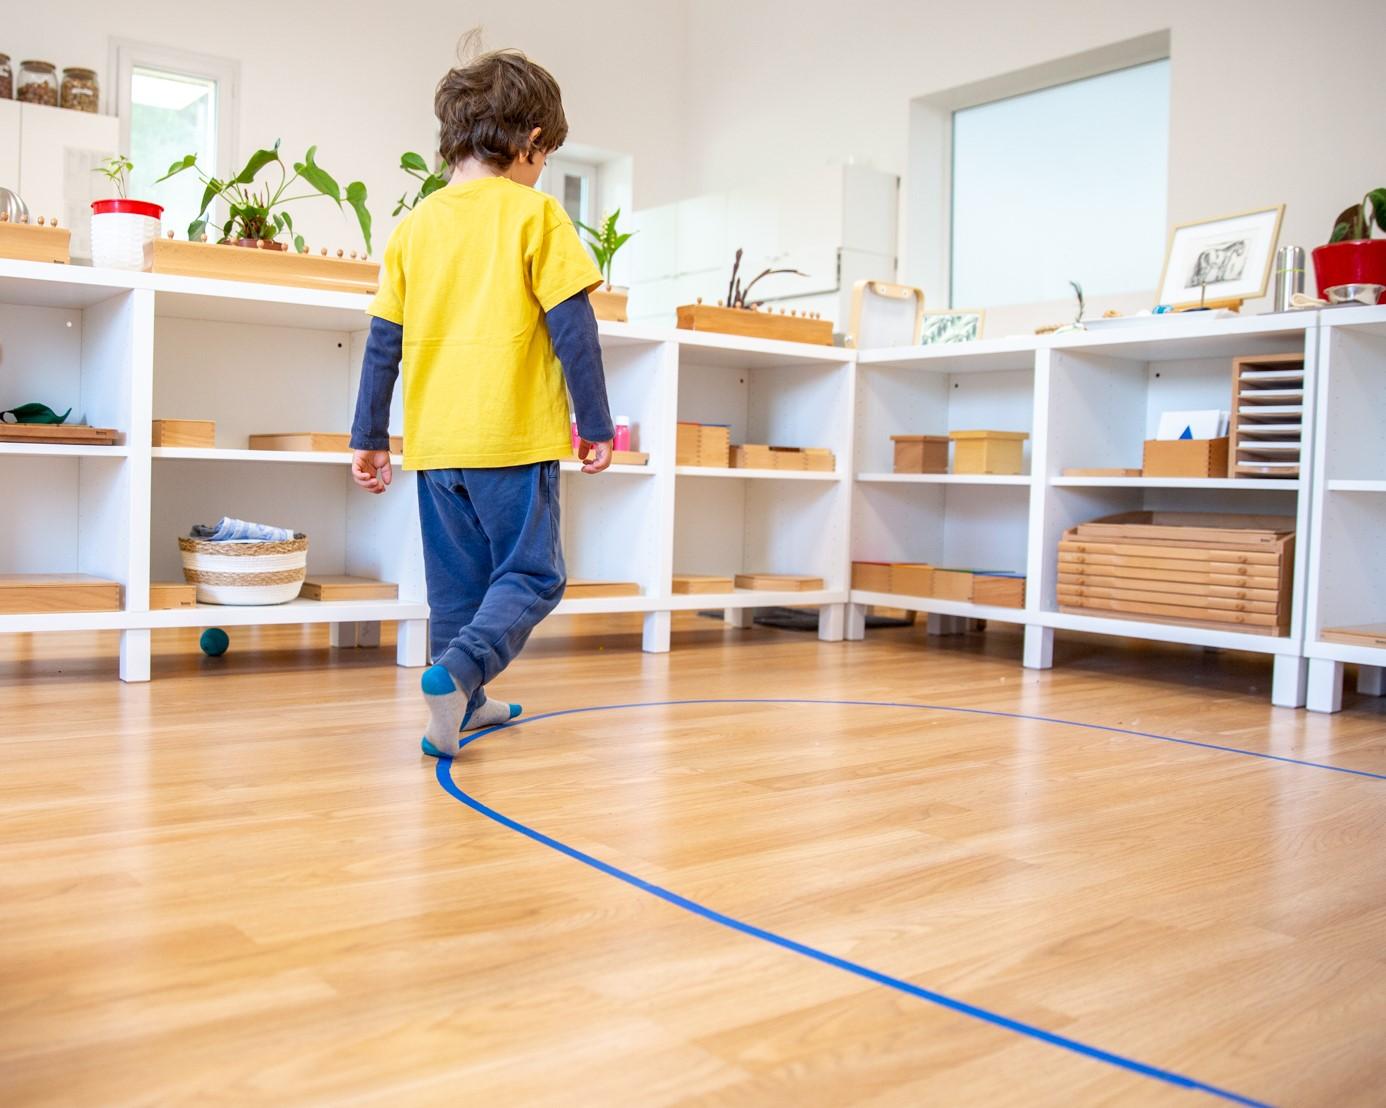 Enfant qui marche sur une ligne bleue tracée au sol